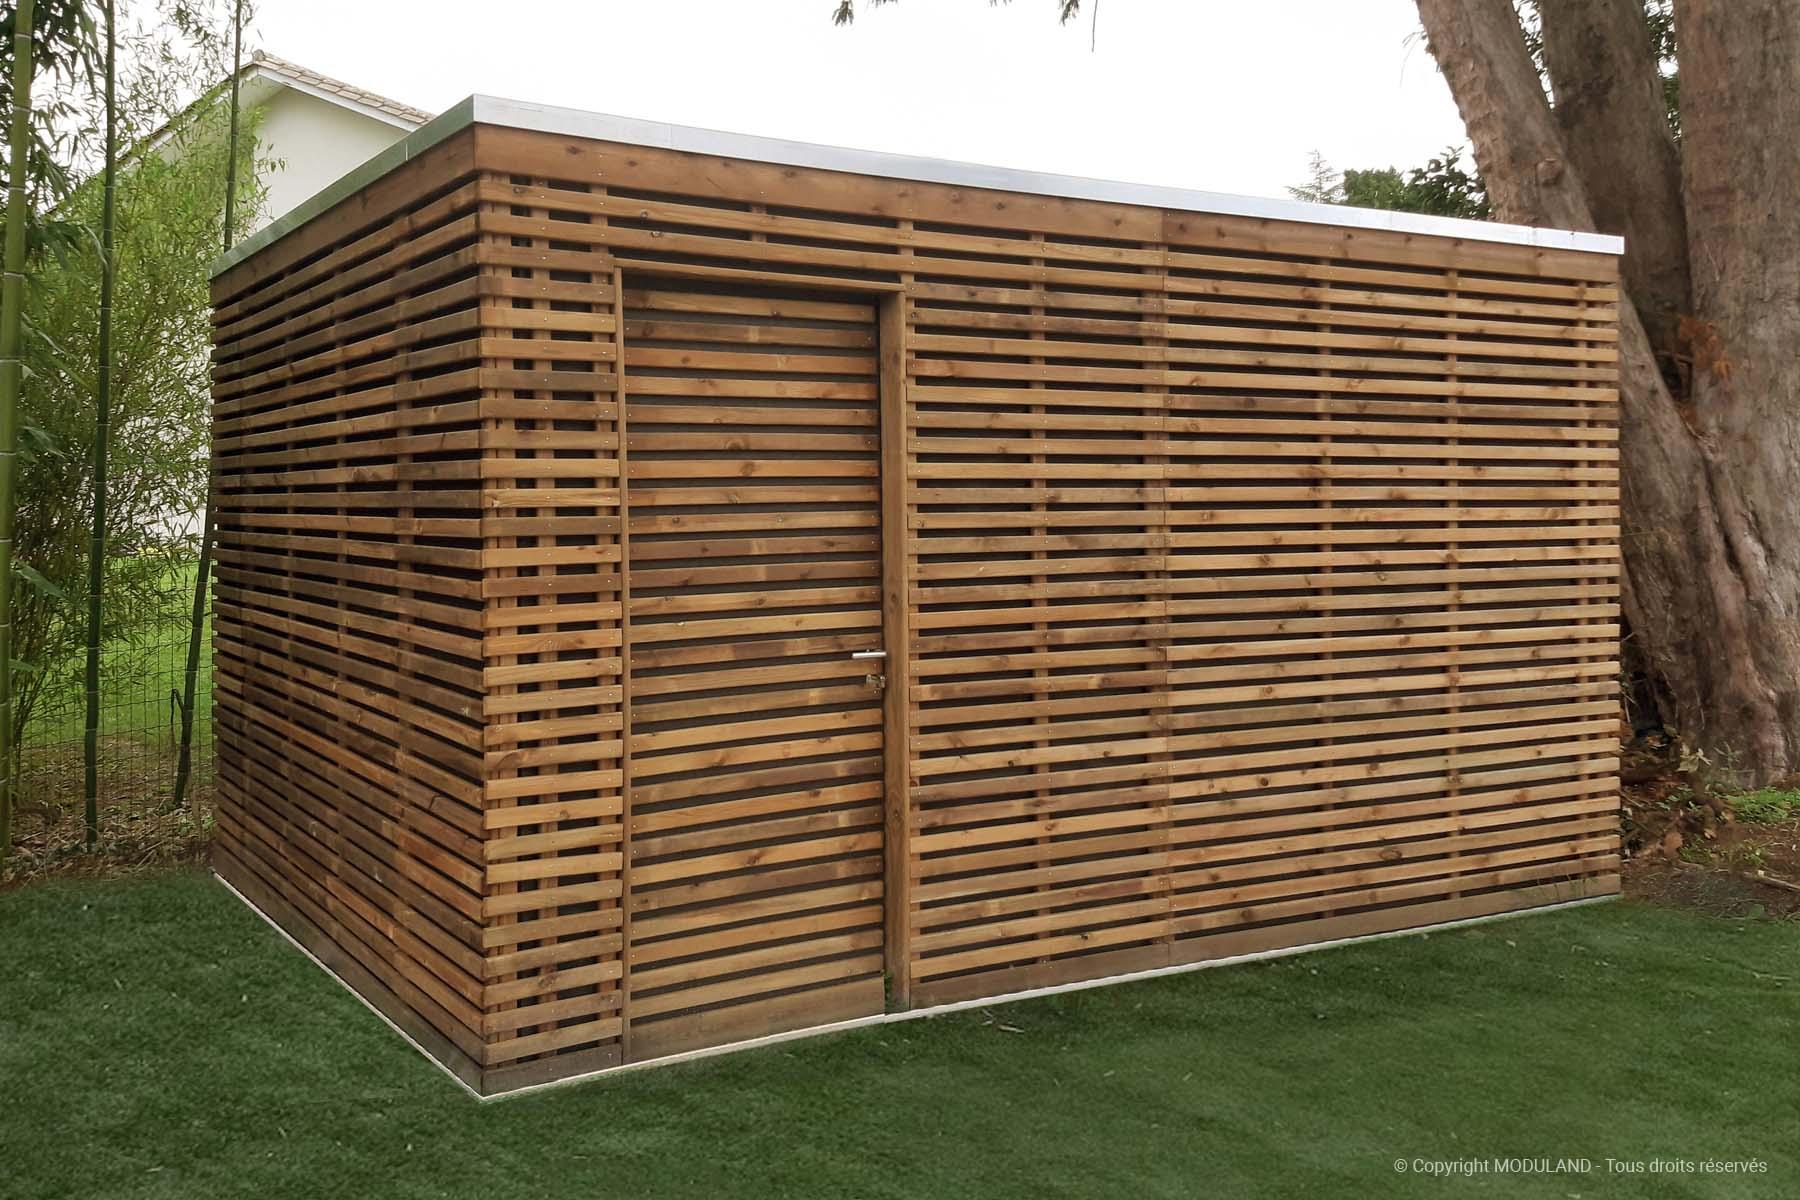 Fabricant D'abris Et Structures Bois Sur Mesure   Moduland concernant Abri Jardin Sur Mesure